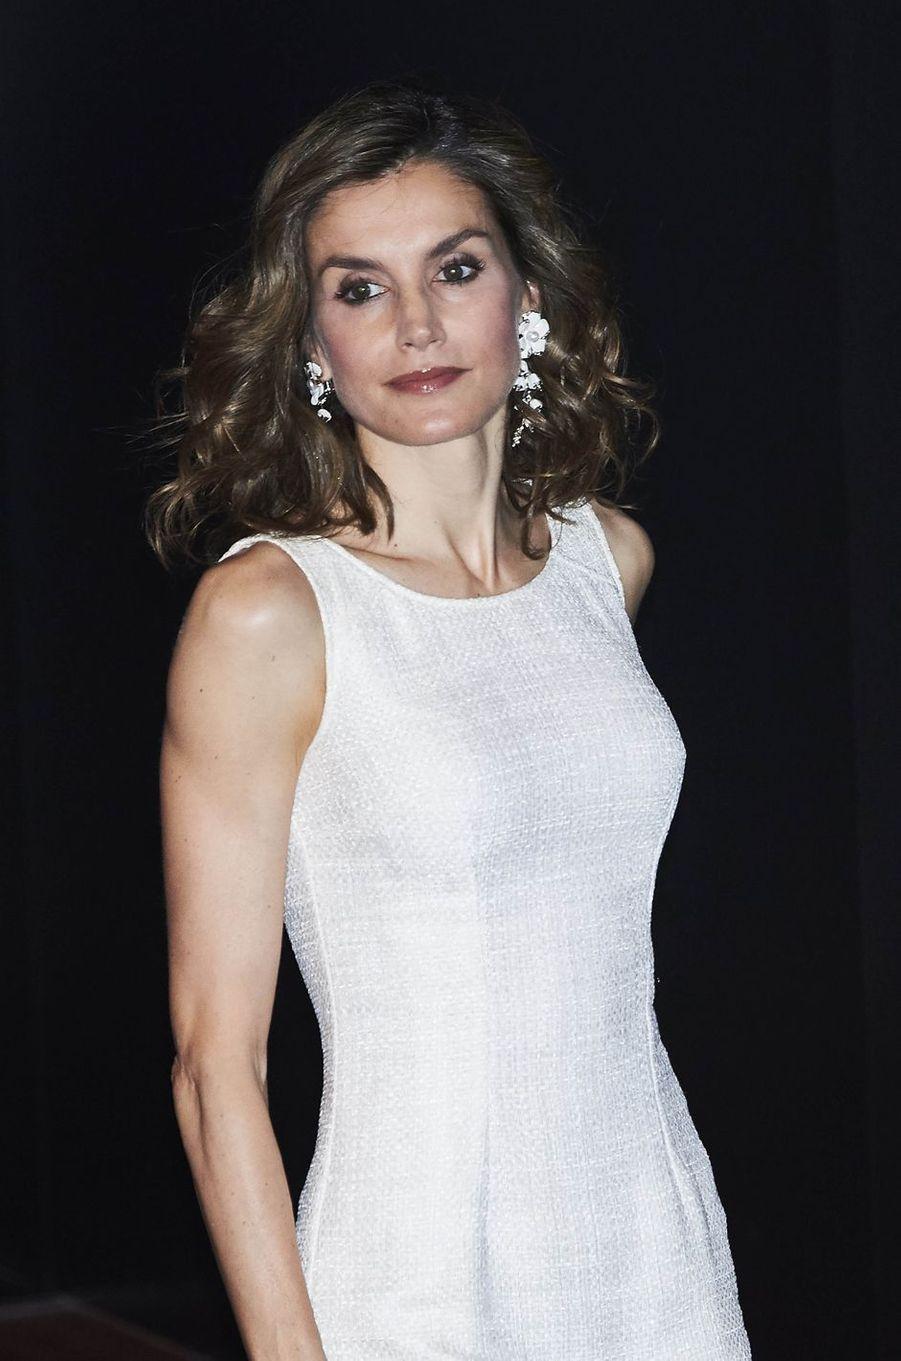 La reine Letizia d'Espagne à Madrid, le 12 juillet 2016